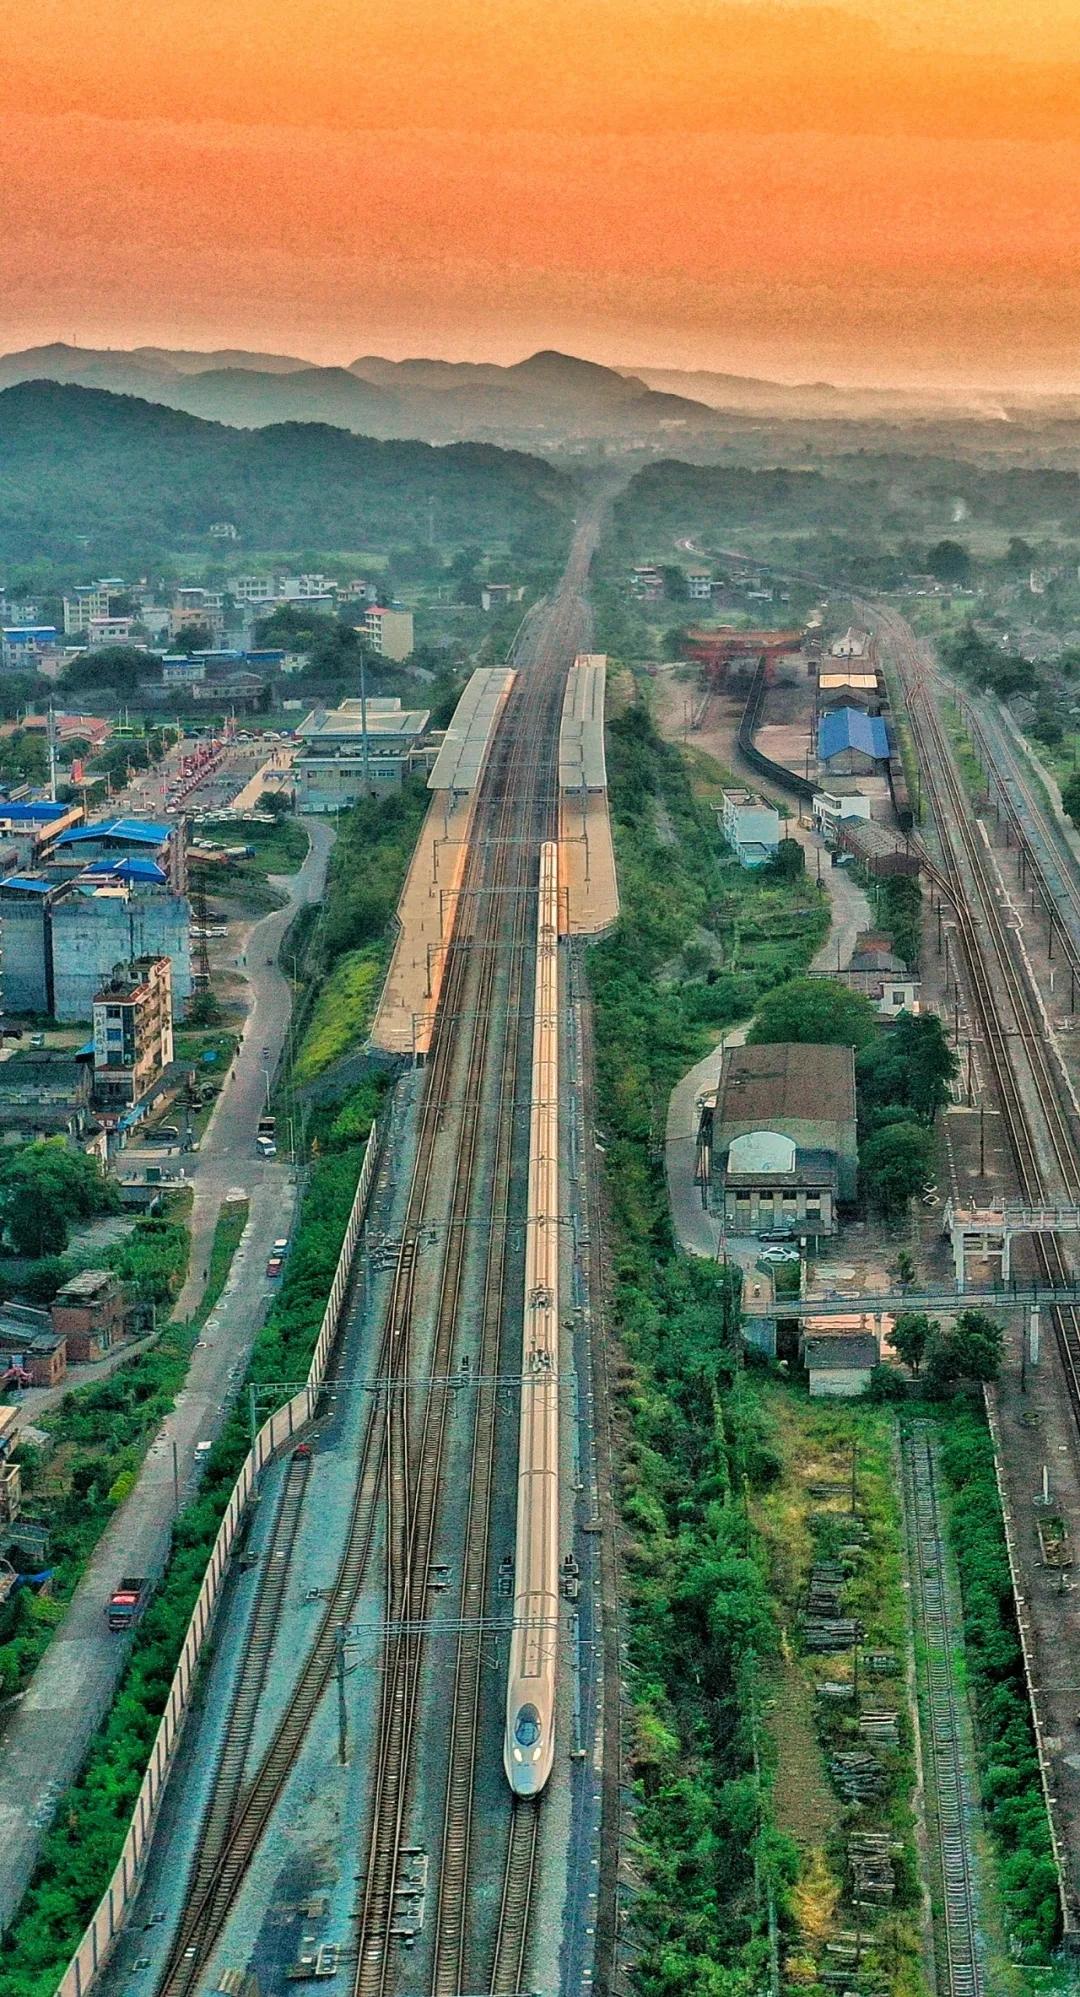 坐高铁看中国|广西首条高铁到底